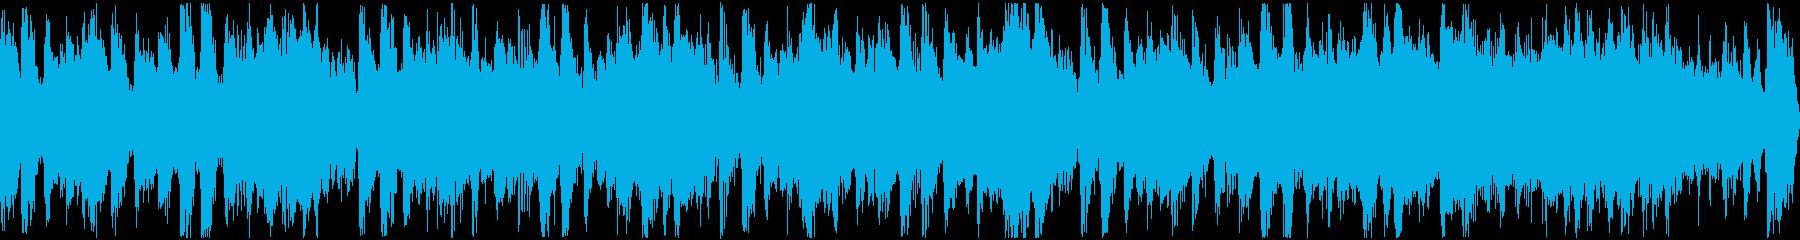 サックスとグルーヴィなバンドサウンドの再生済みの波形